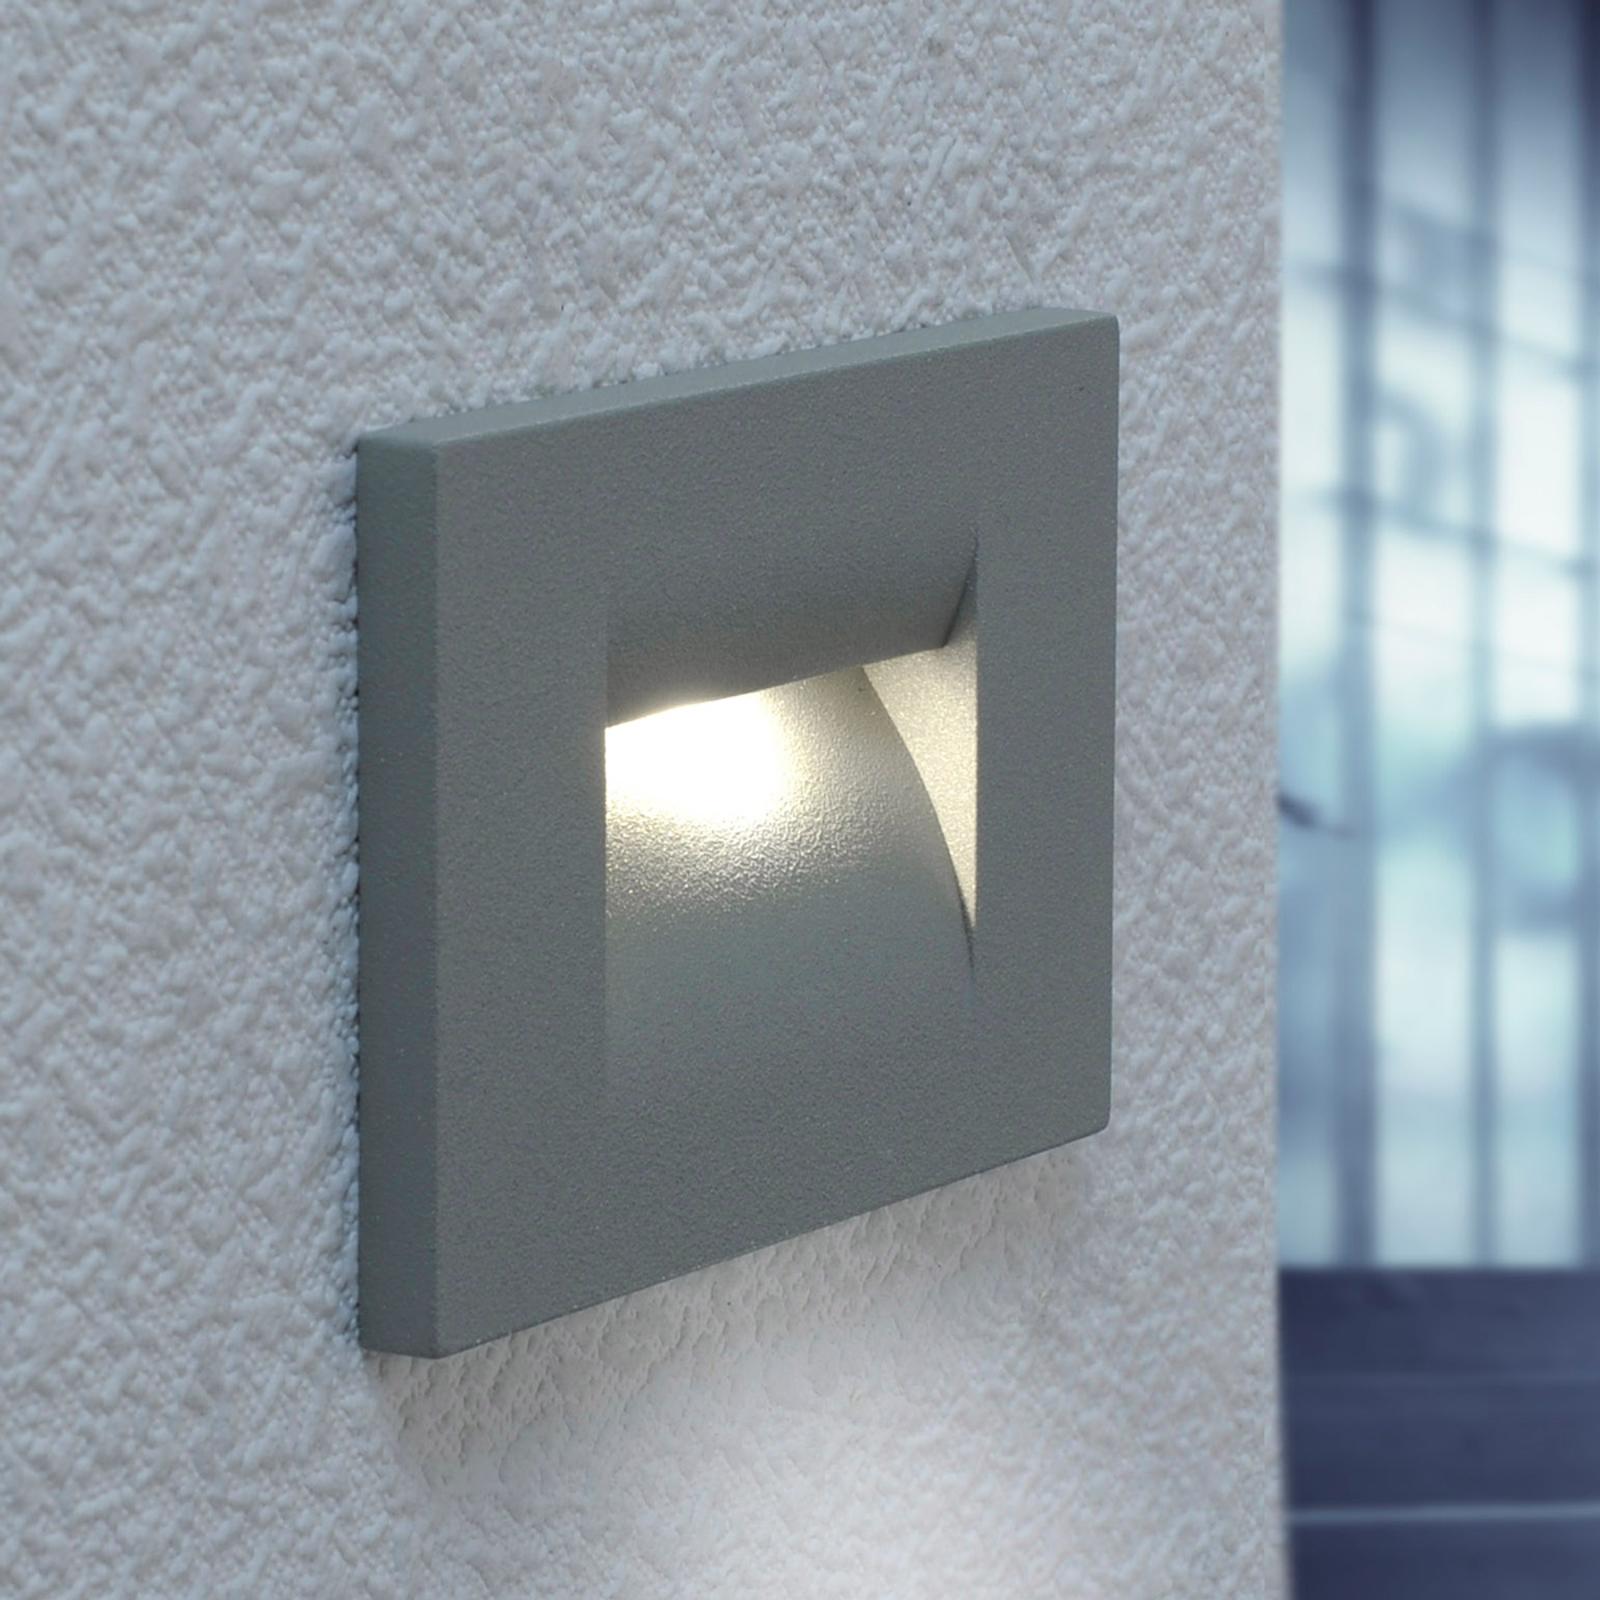 Applique encastrée LED Nevrin gris argenté